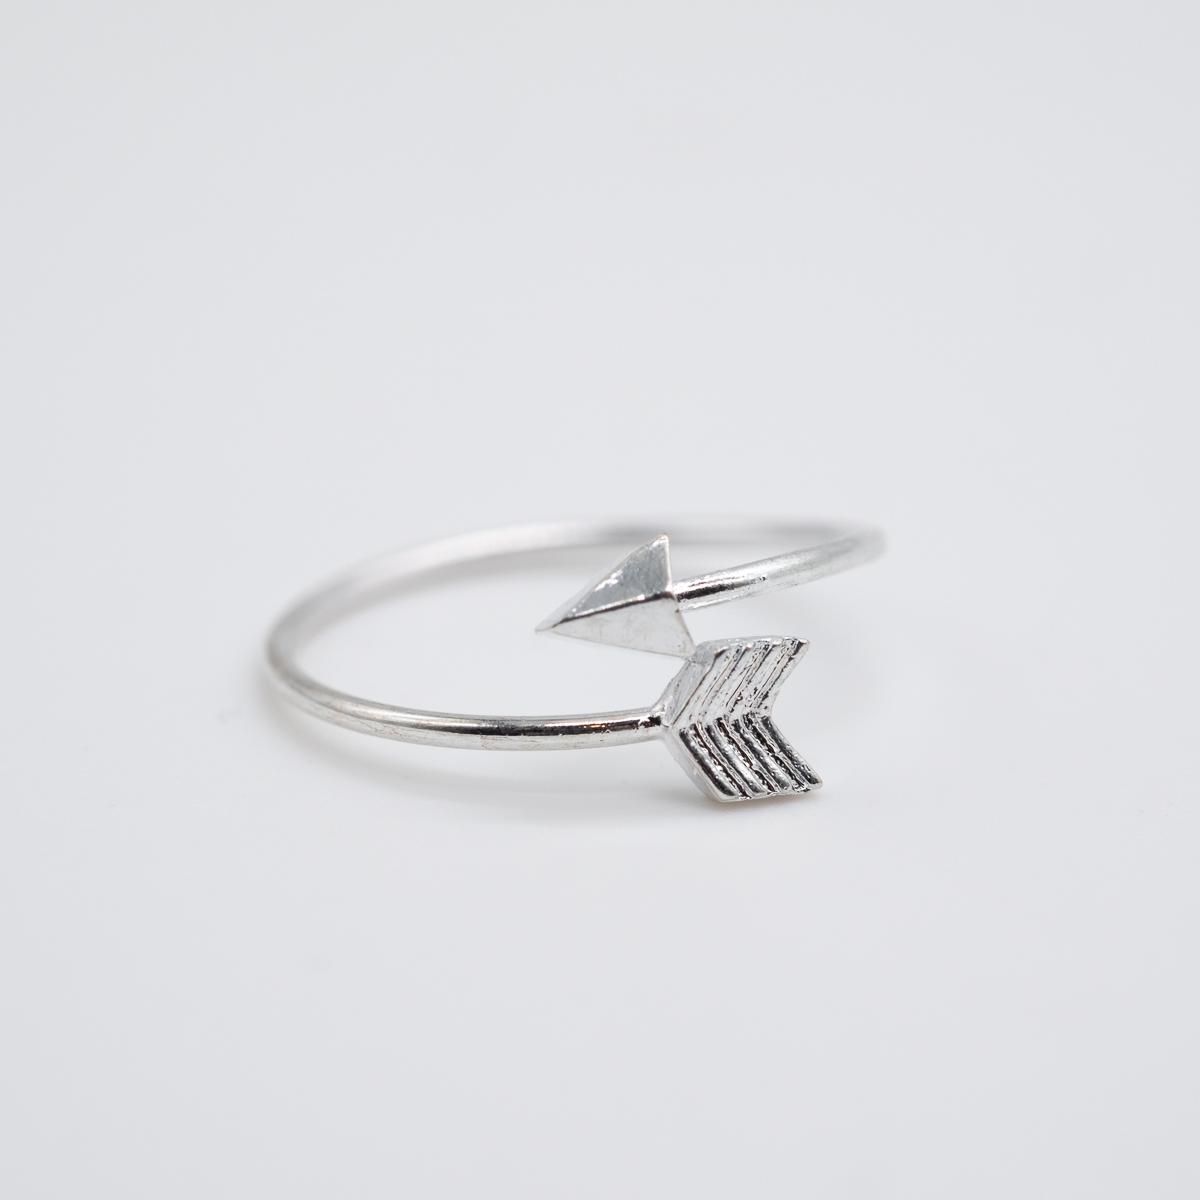 RNG-004 zilver metaal boho ring